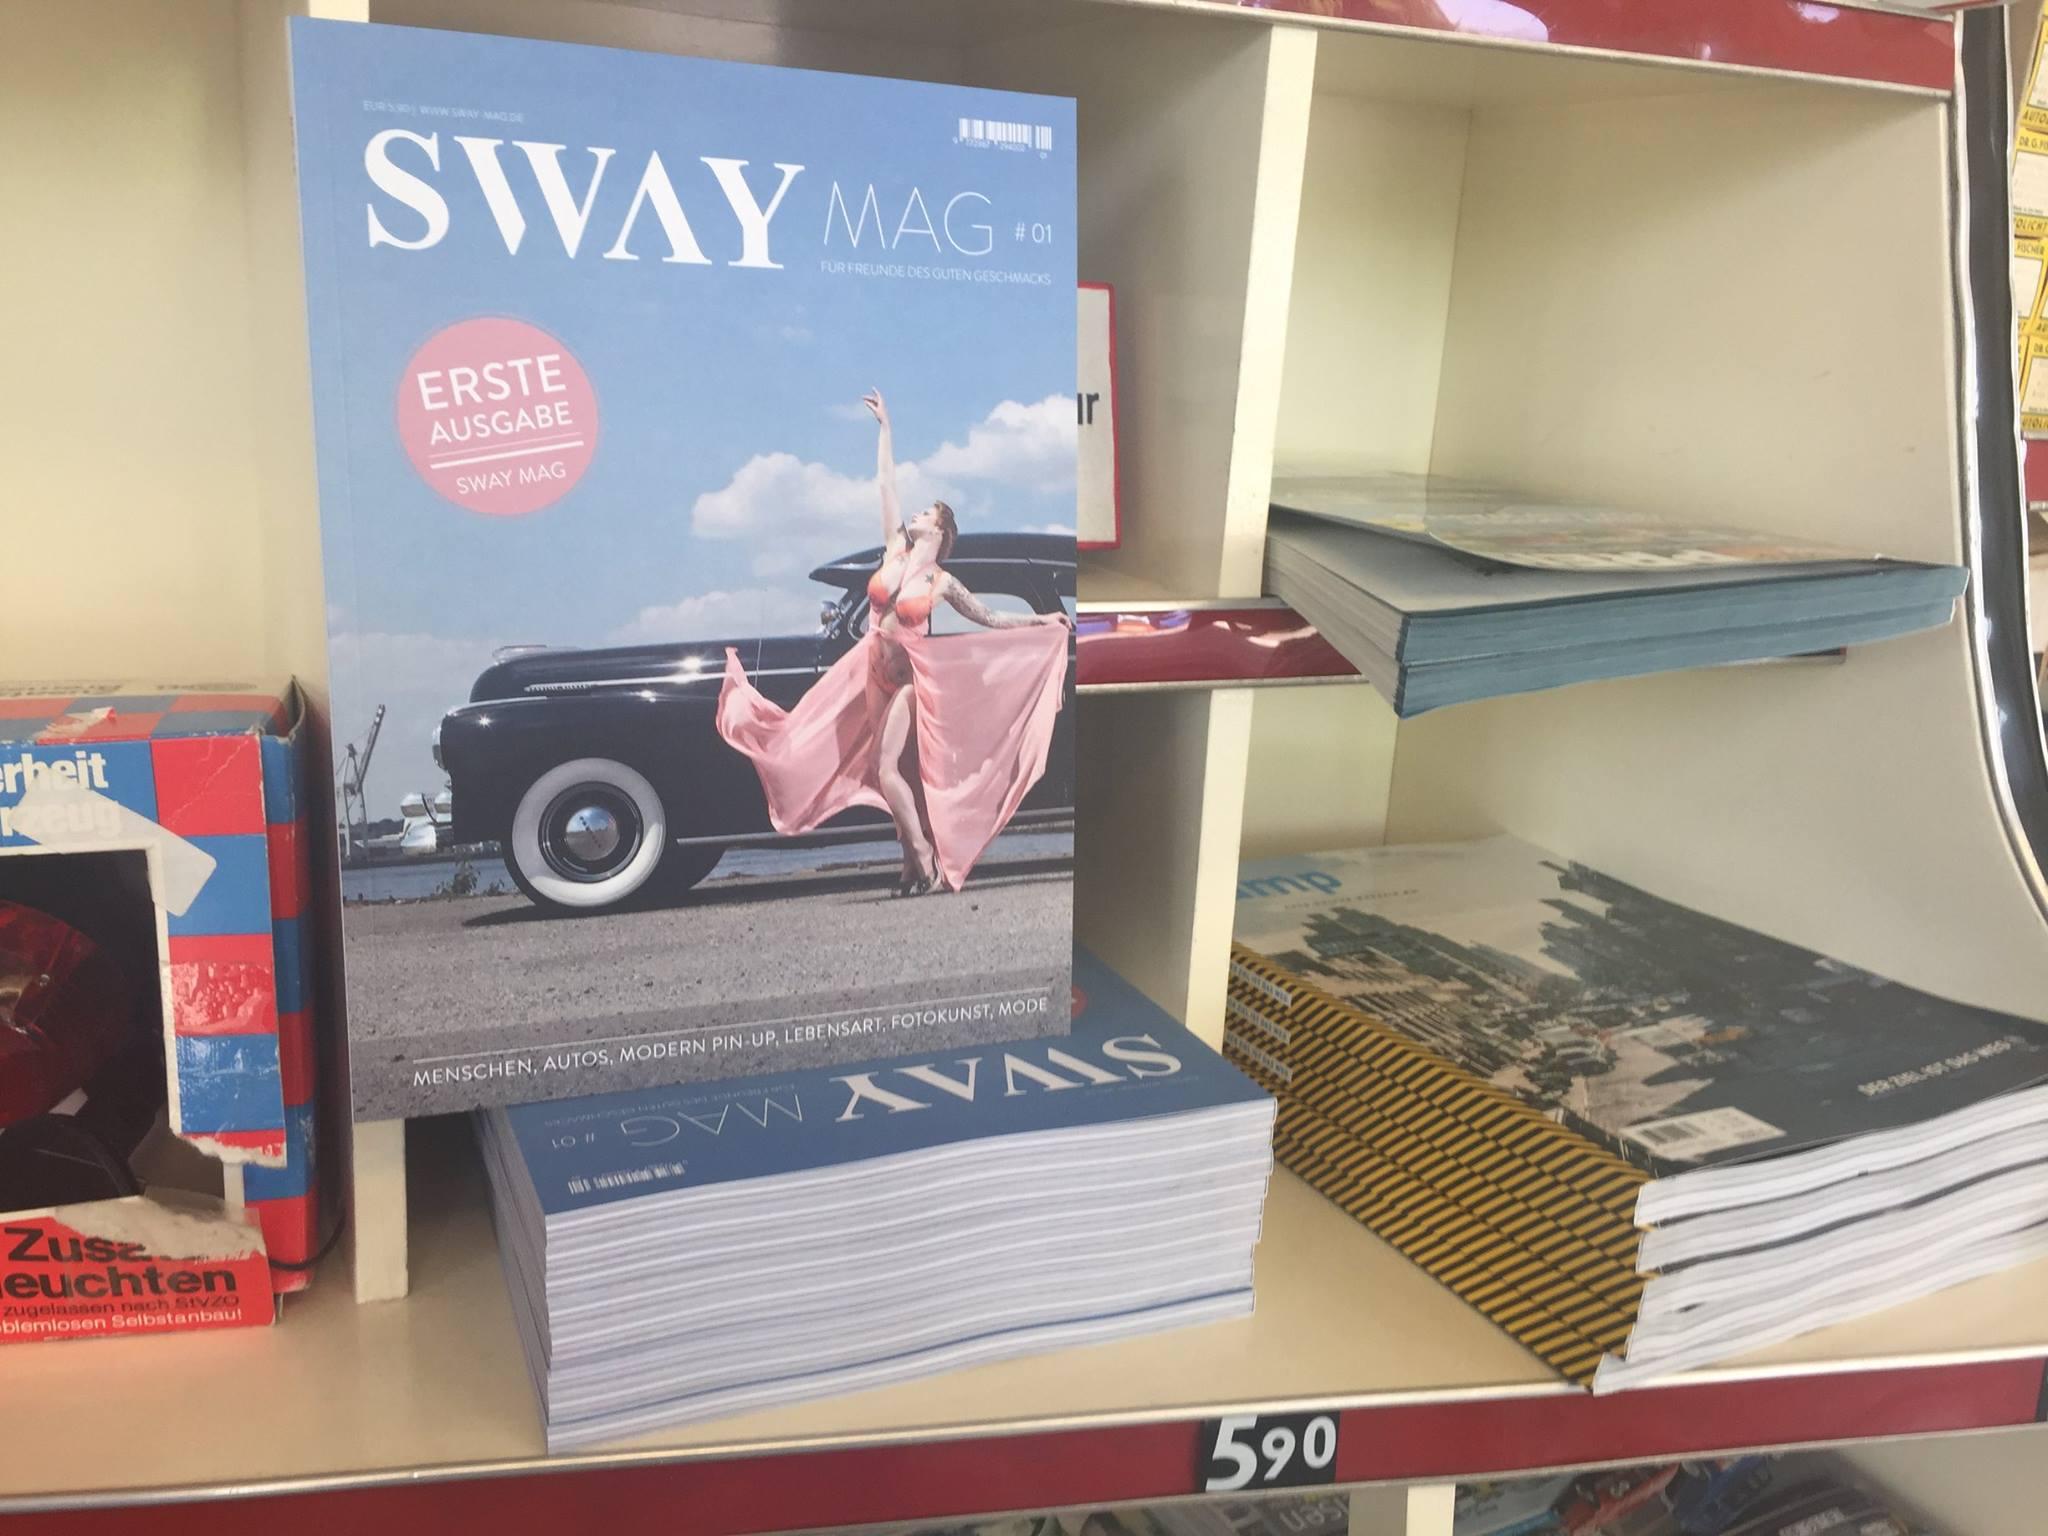 Das SWAY MAG #01 ist an der Oldtimertankstelle Brandshof erhältlich